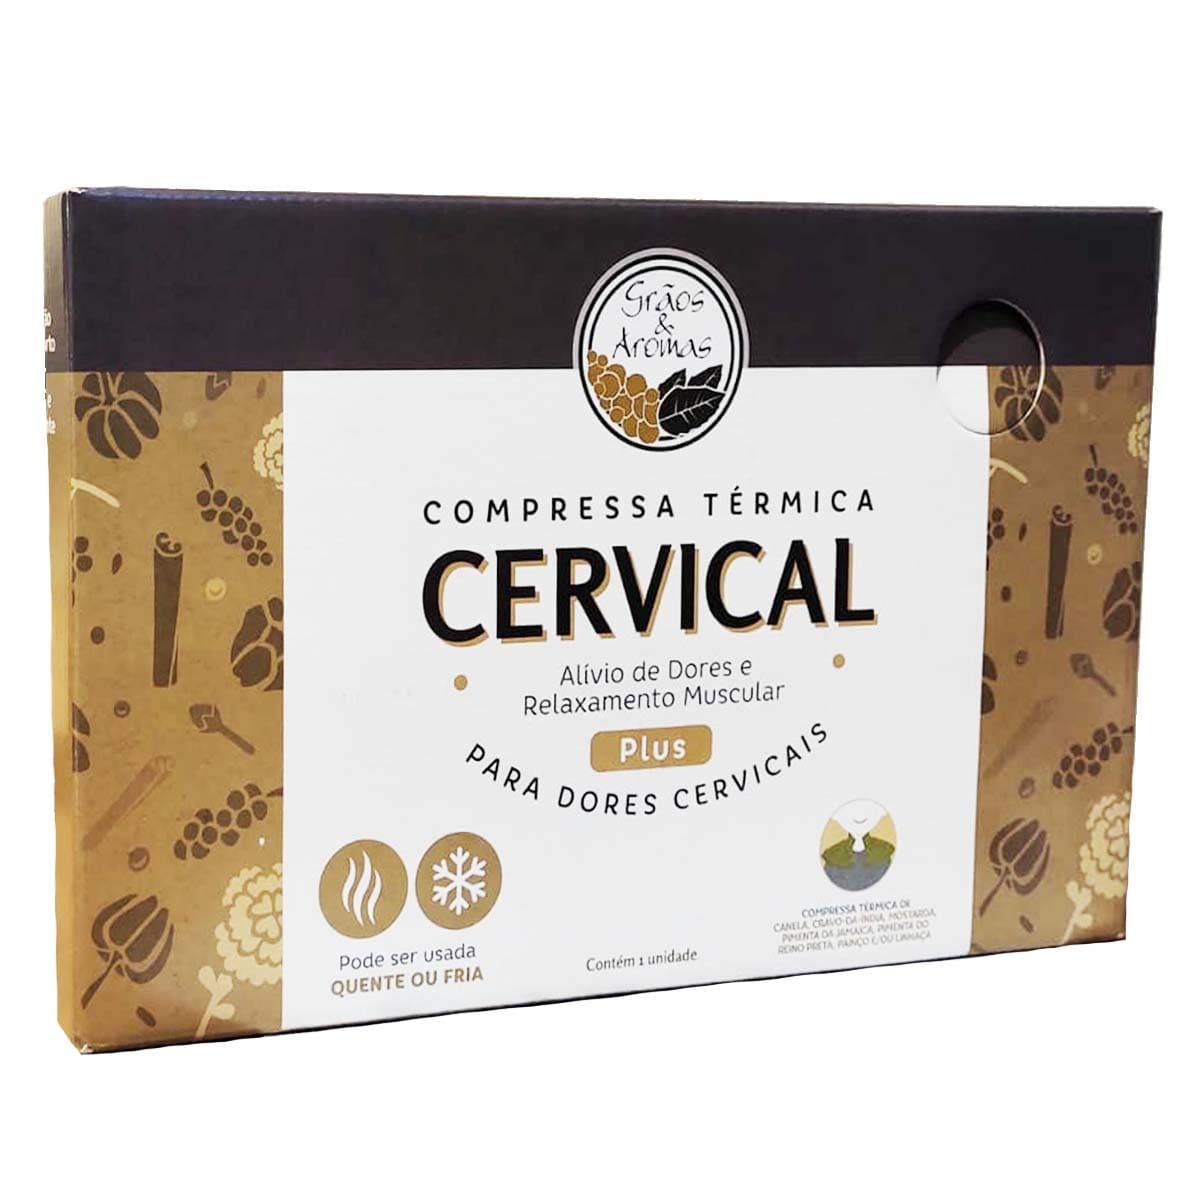 Compressa para Cervical Plus - Grãos e aromas